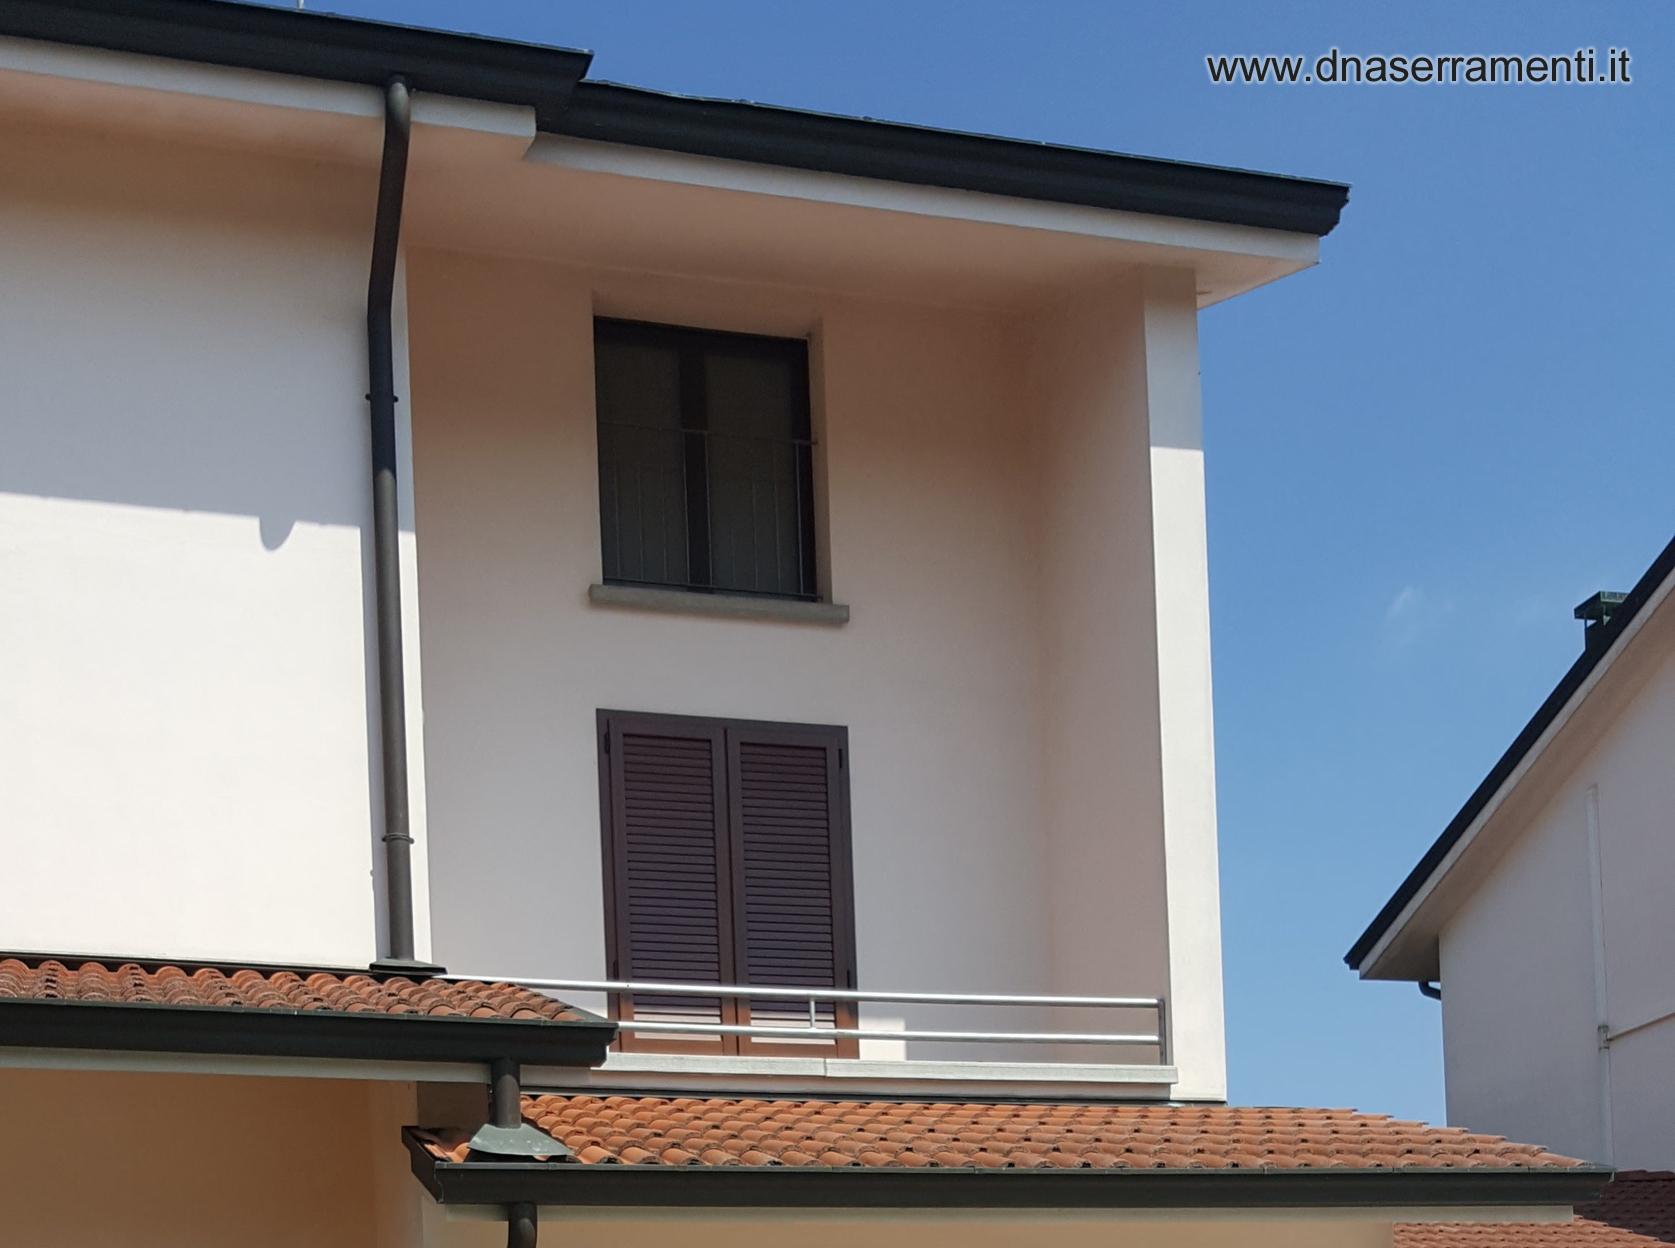 Dna serramenti finestre serramenti porte pellicole per for Finestre pvc bianche